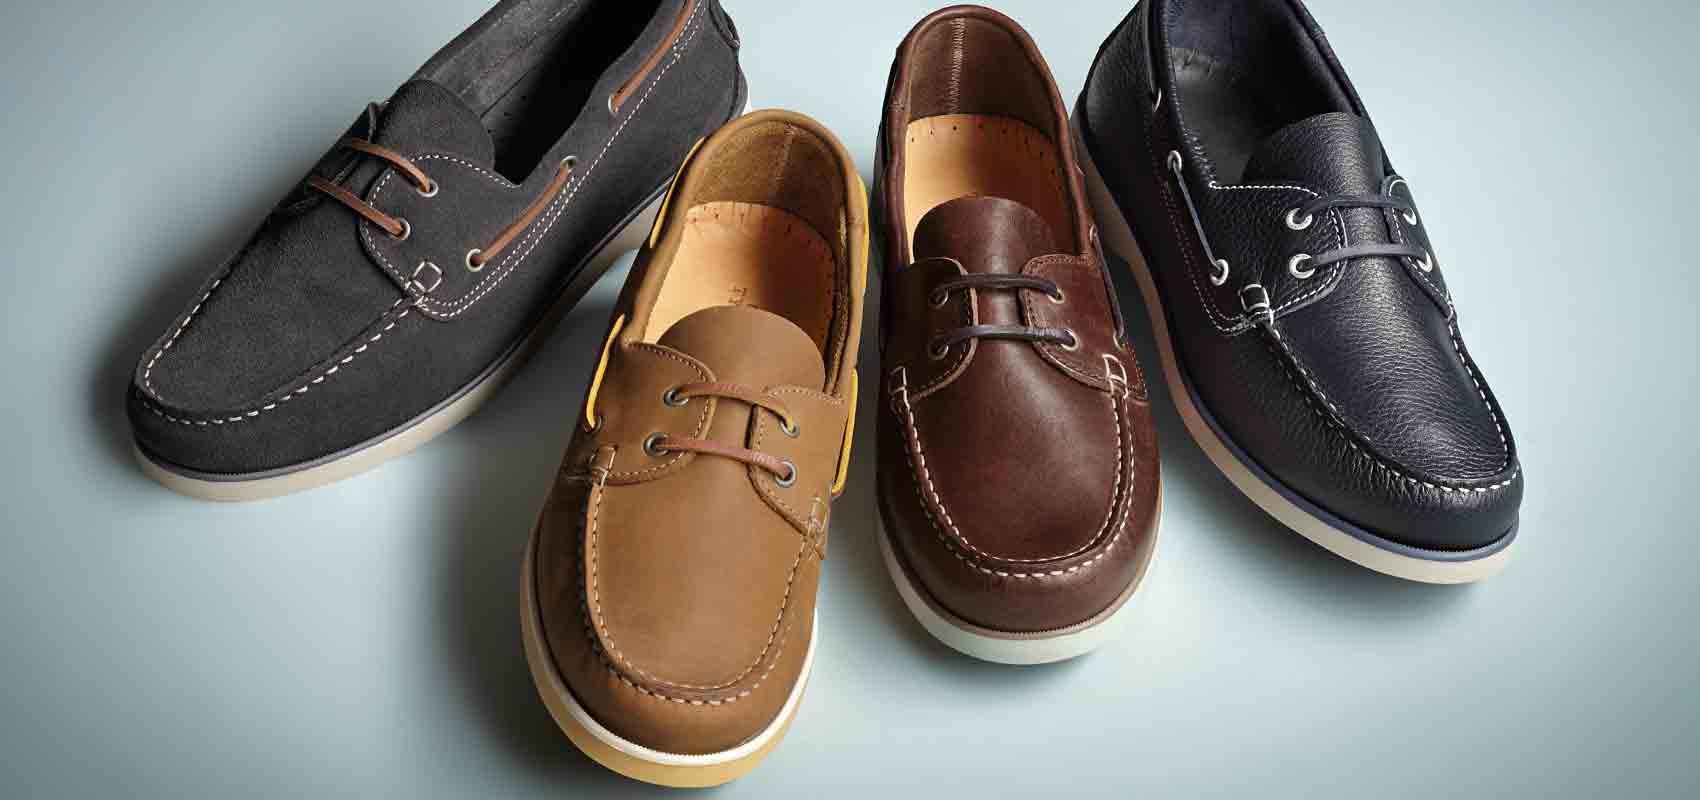 Charles Tyrwhitt Chaussures bateau